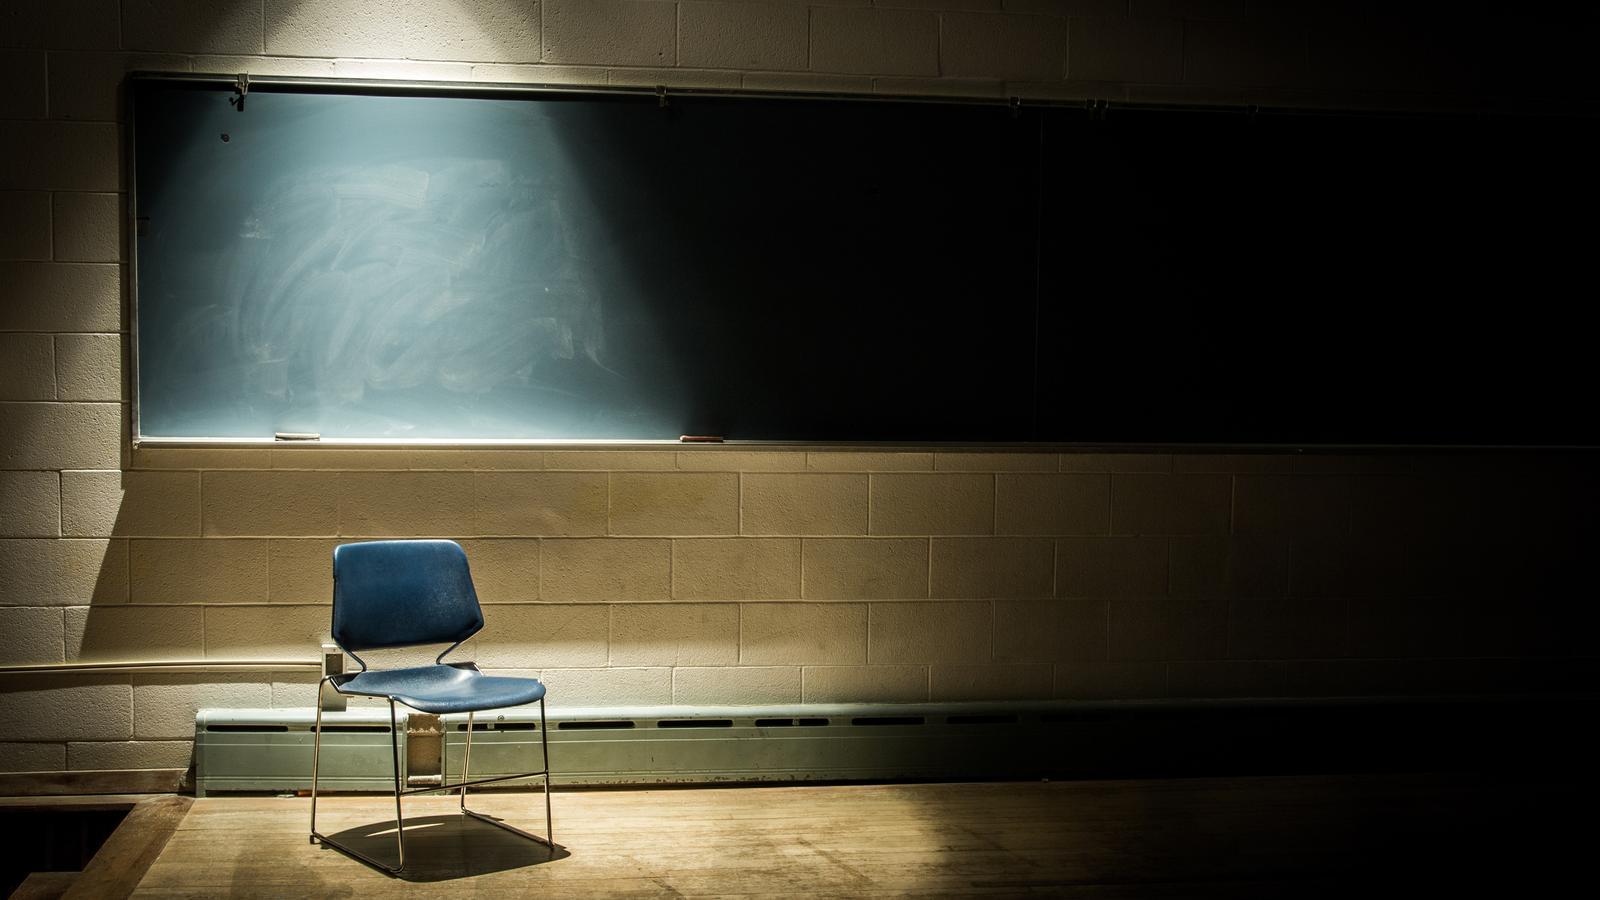 El cap d'estudis de l'Institut de Calaf entra a la presó per abusos sexuals a menors